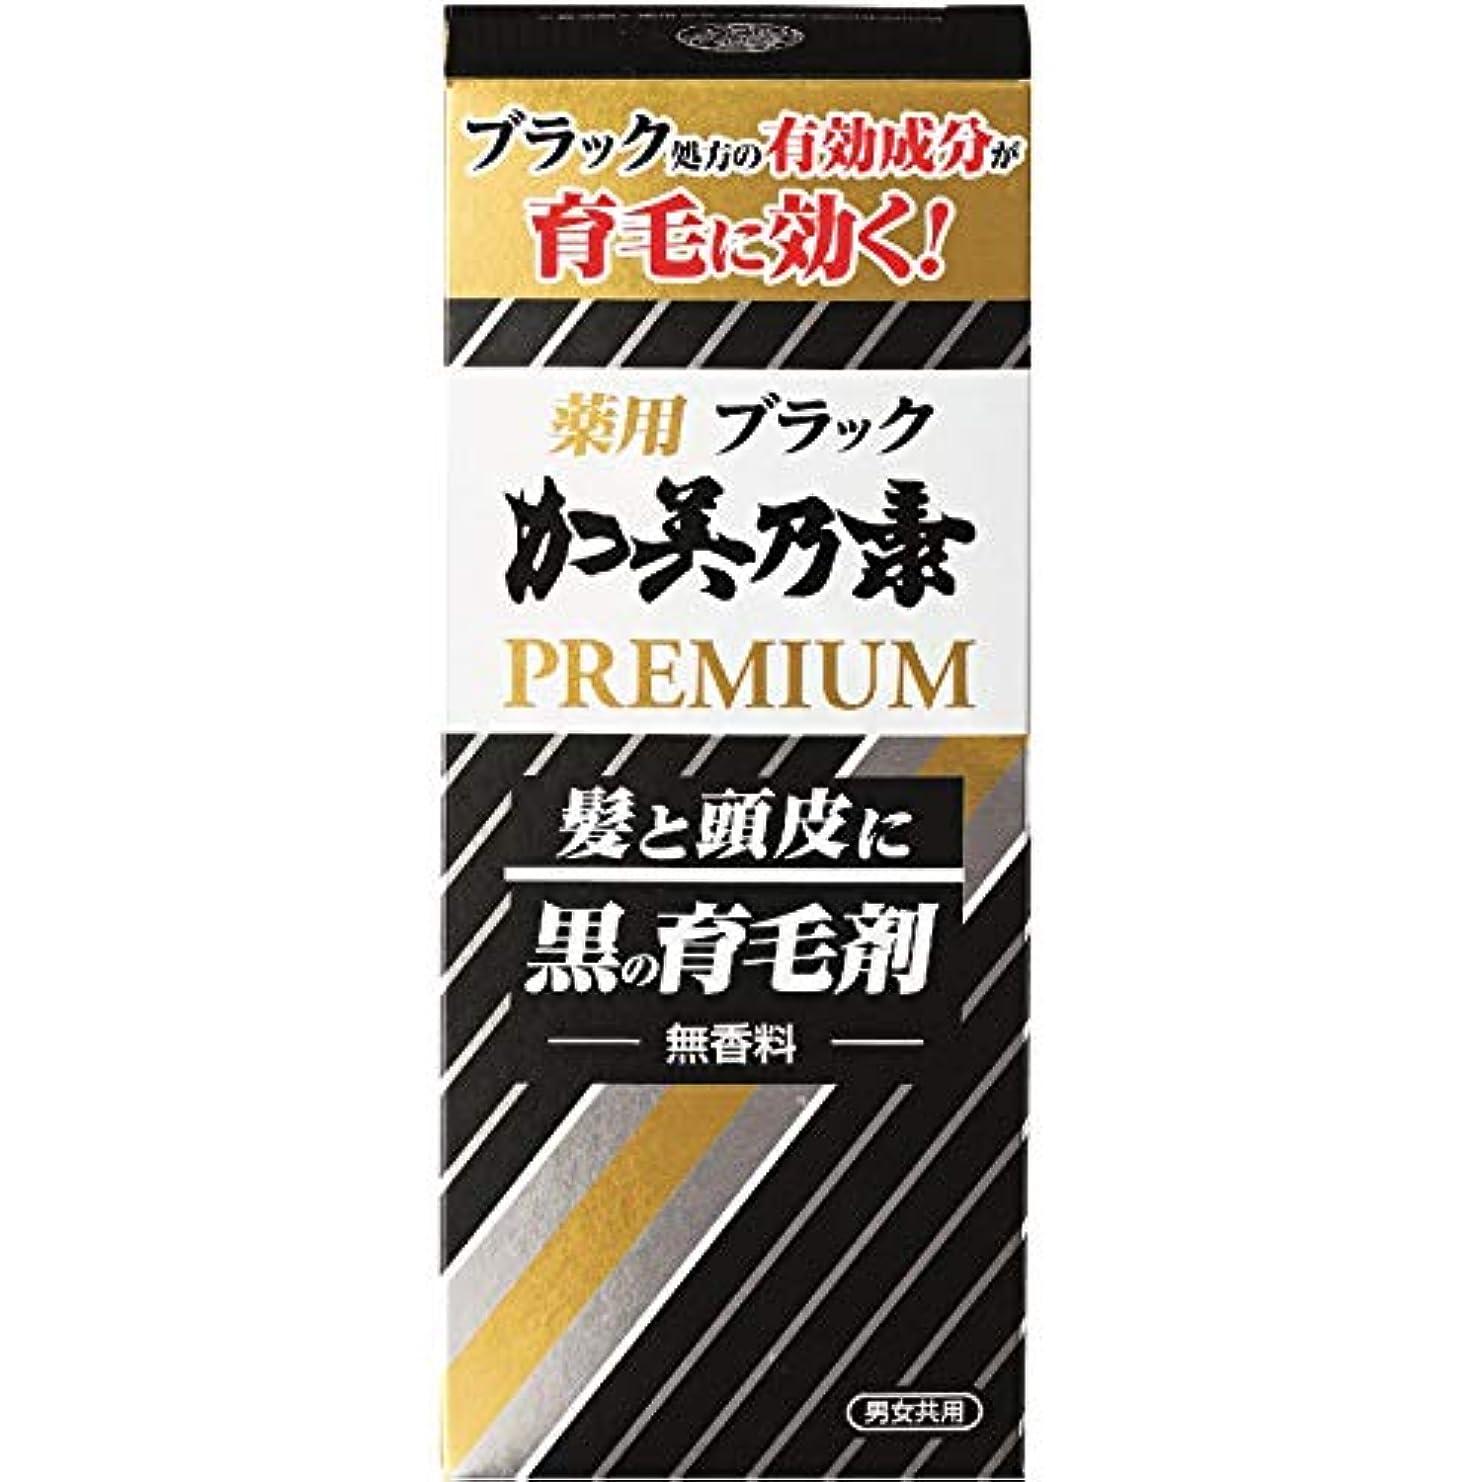 グラス受粉者ウッズ薬用ブラック加美乃素 PREMIUM 180ml